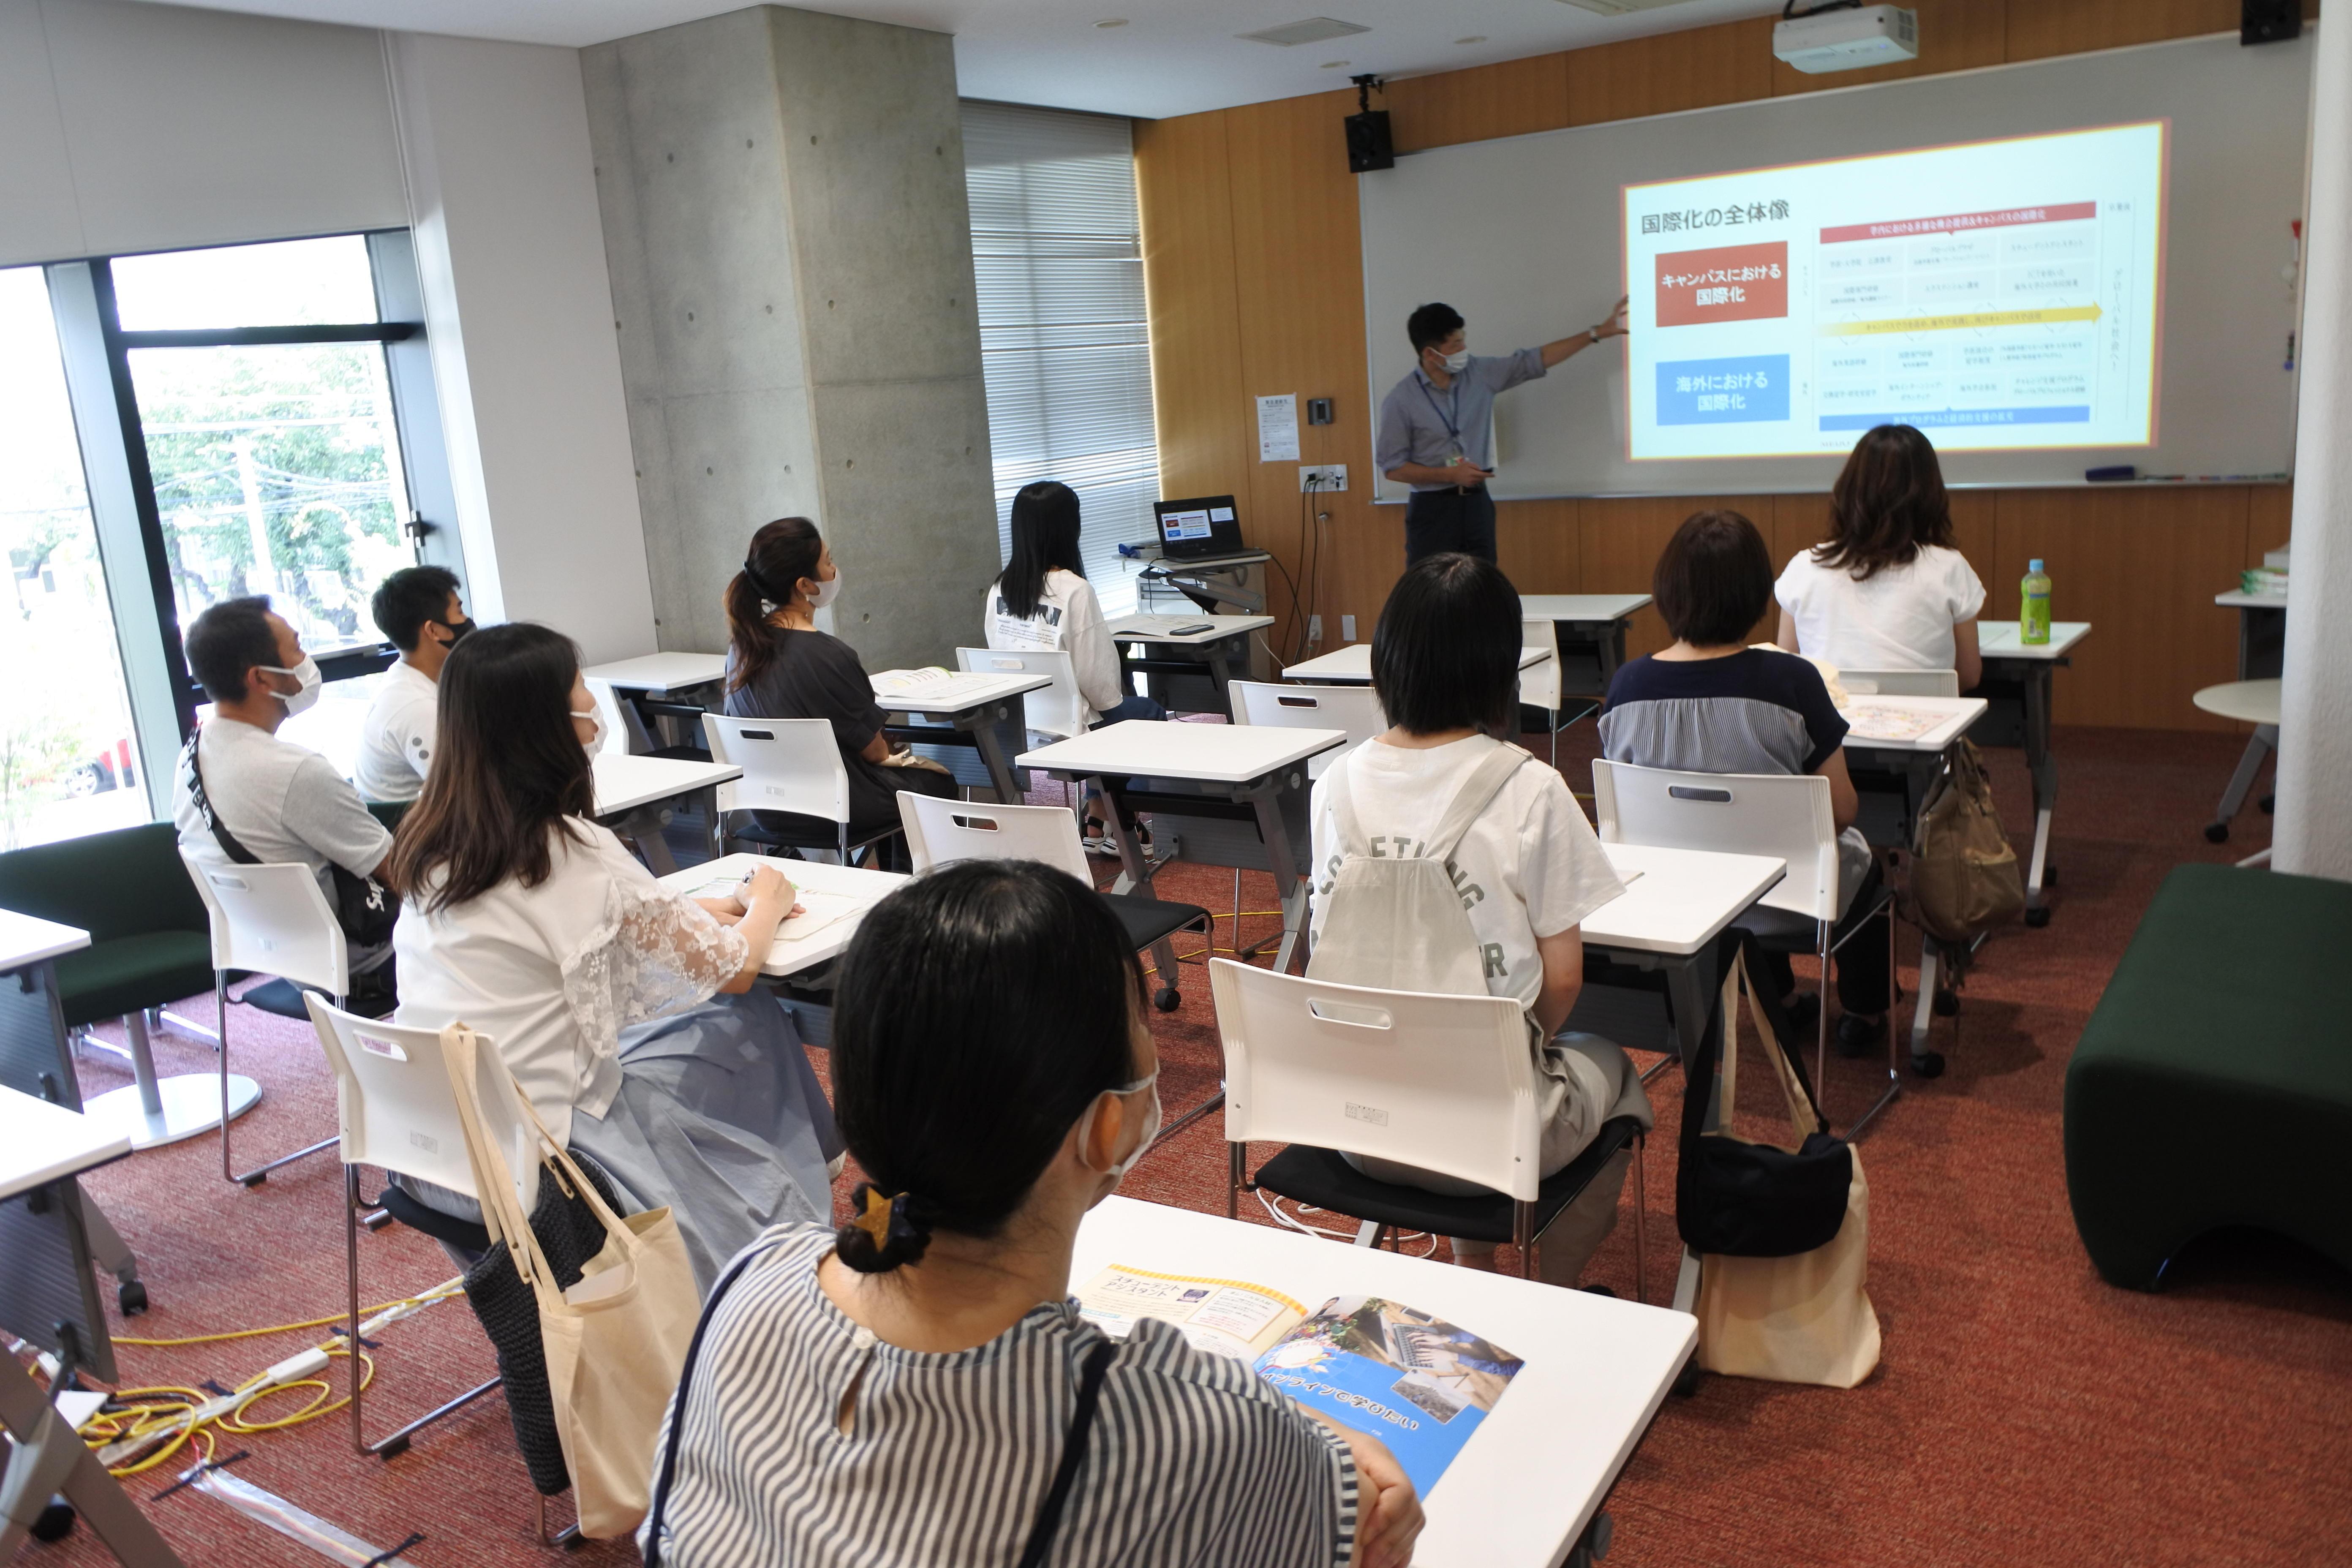 本学の国際化の概要を説明する菱田圭祐国際化推進センター課長